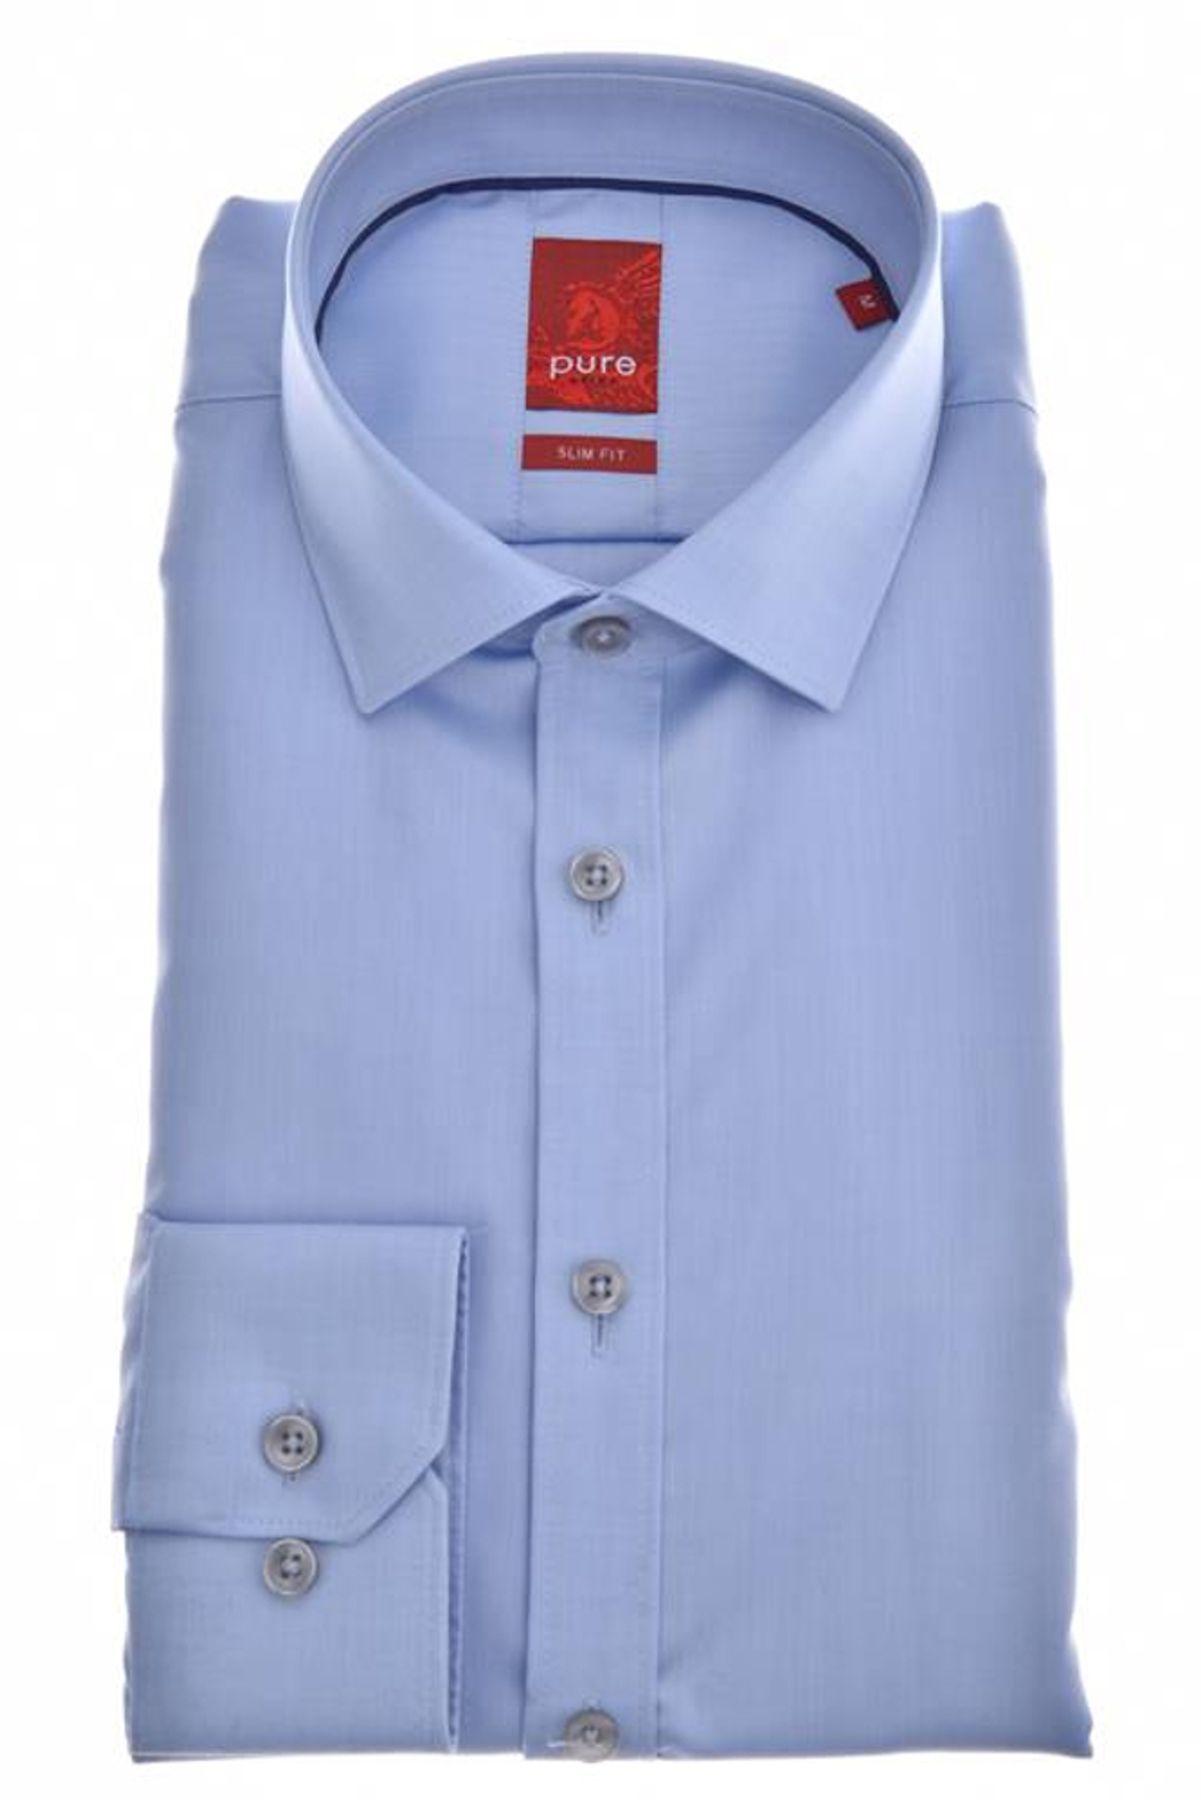 Pure - Slim Fit - Herren Langarm Hemd, verschiedene Farben, XS-XXL (3376-128) – Bild 6